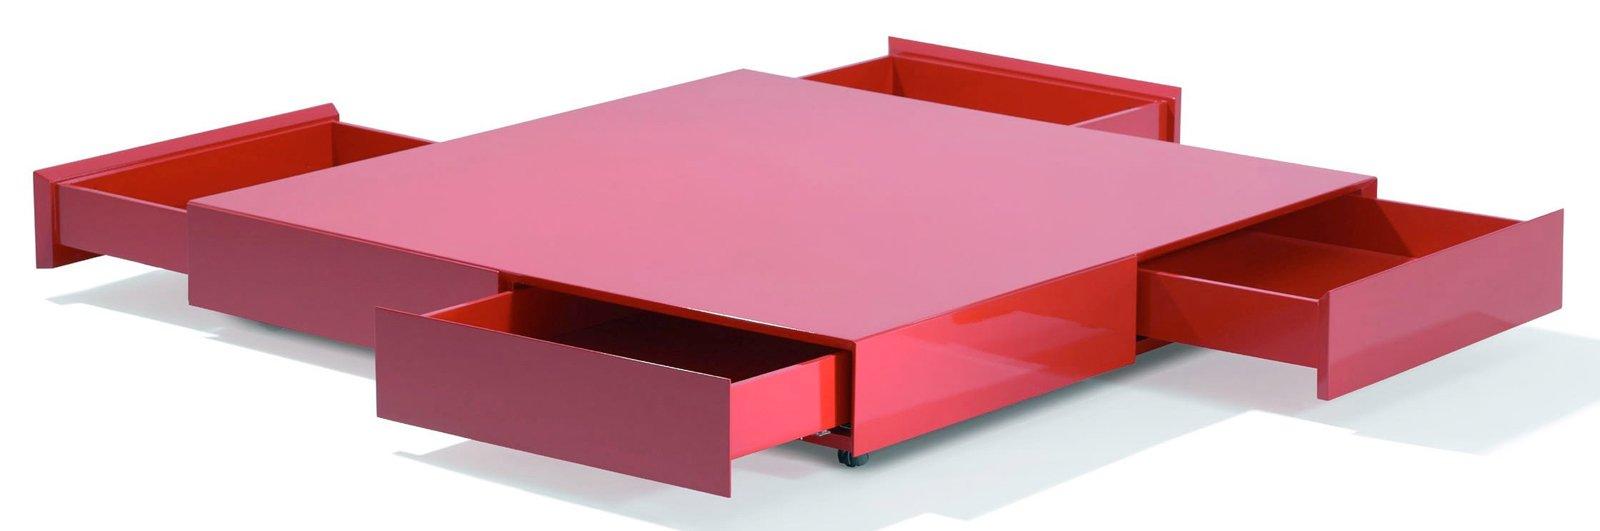 Spazi insoliti per contenere cose di casa - Cassetti sotto il letto ...